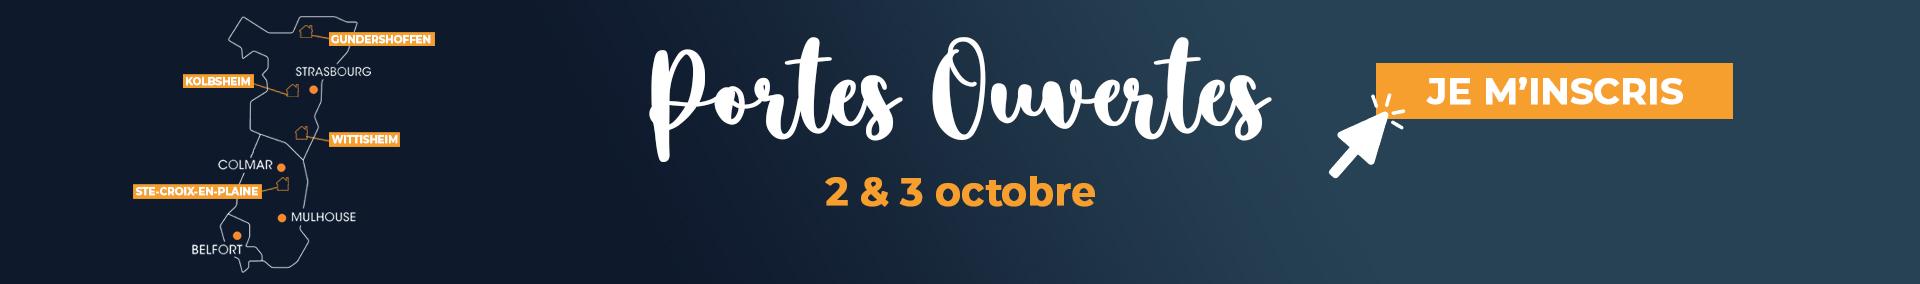 Portes ouvertes du 2 au 3 octobre